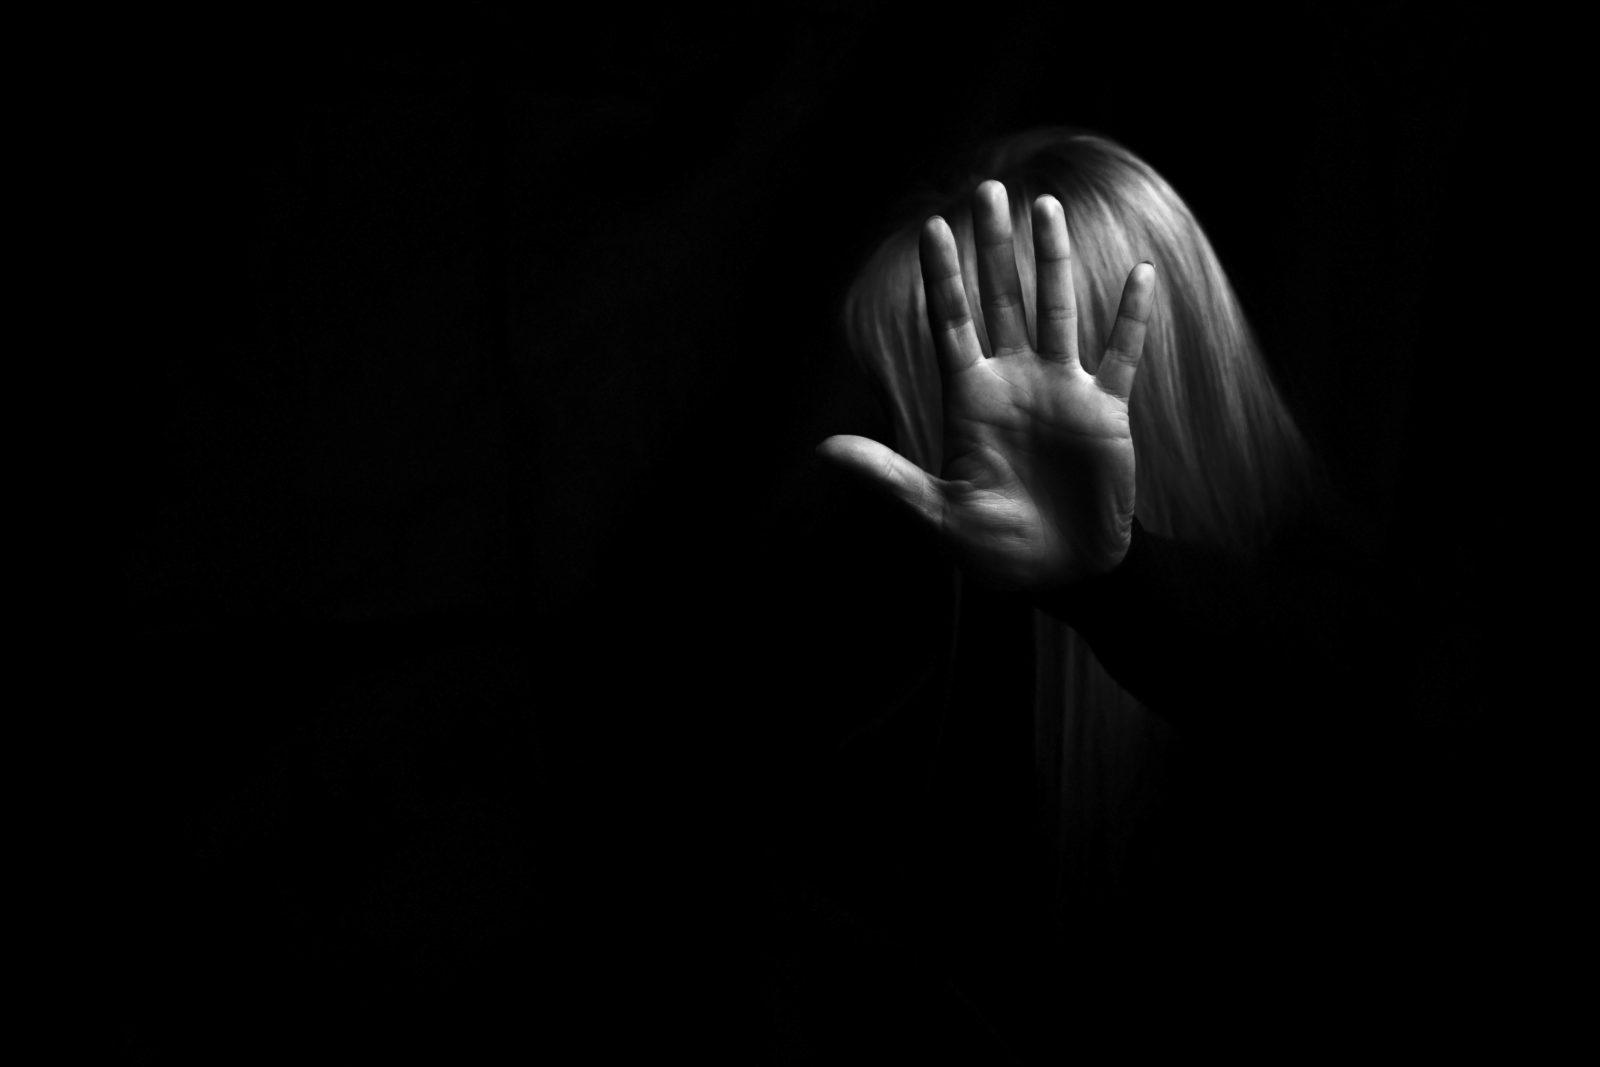 Le mouvement #MoiAussi fait exploser le nombre de plaintes d'agressions sexuelles